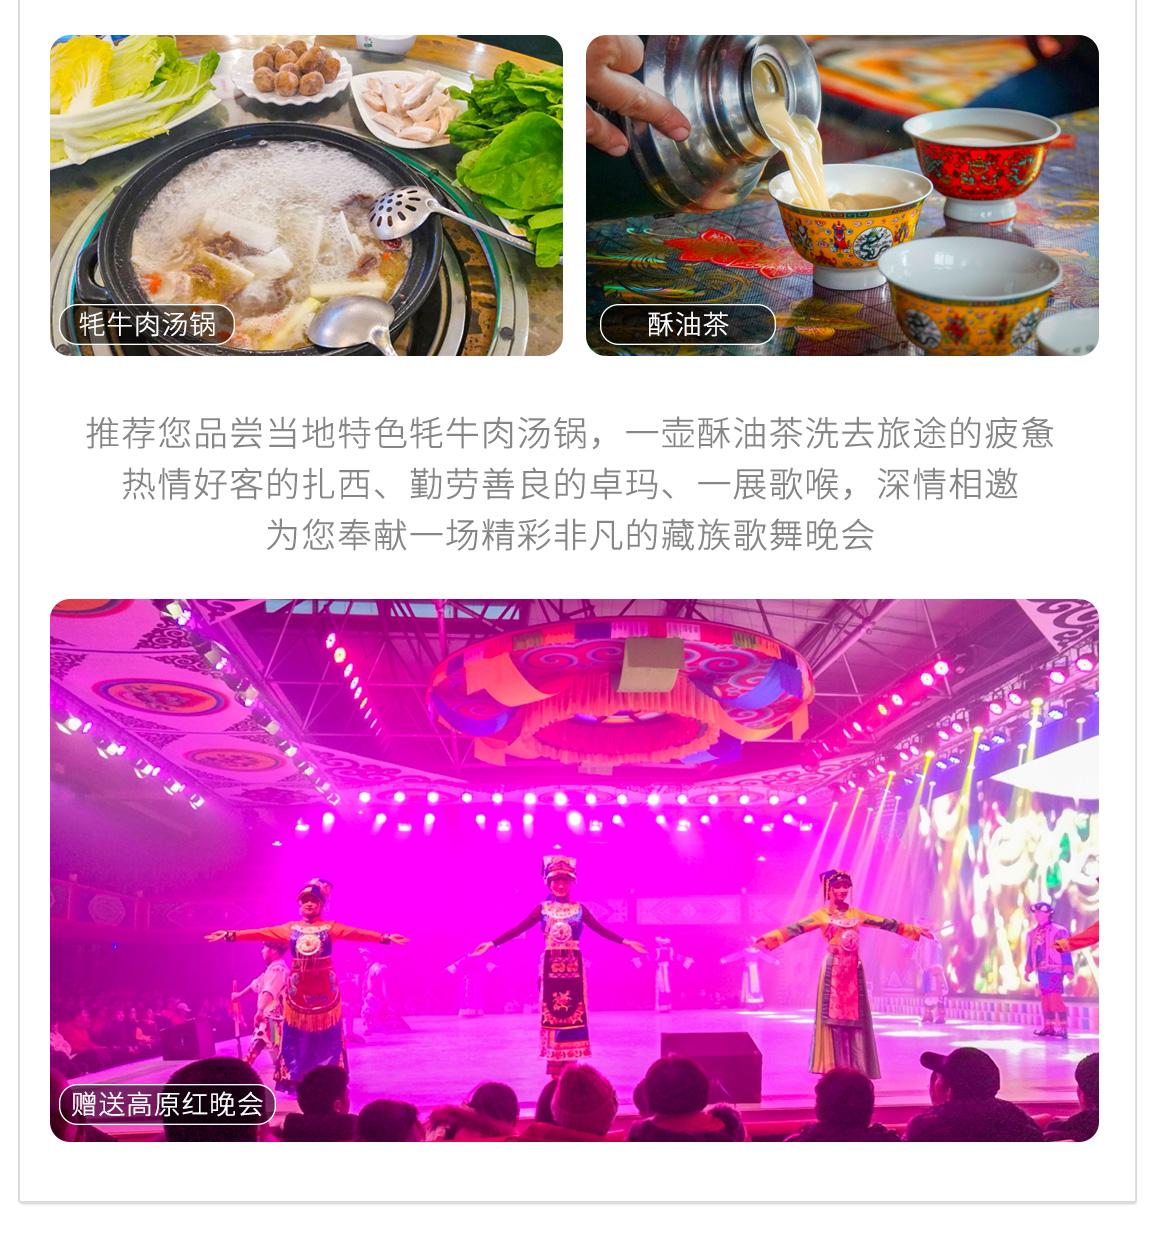 九寨沟+鹧鸪山拼车4天 (7)